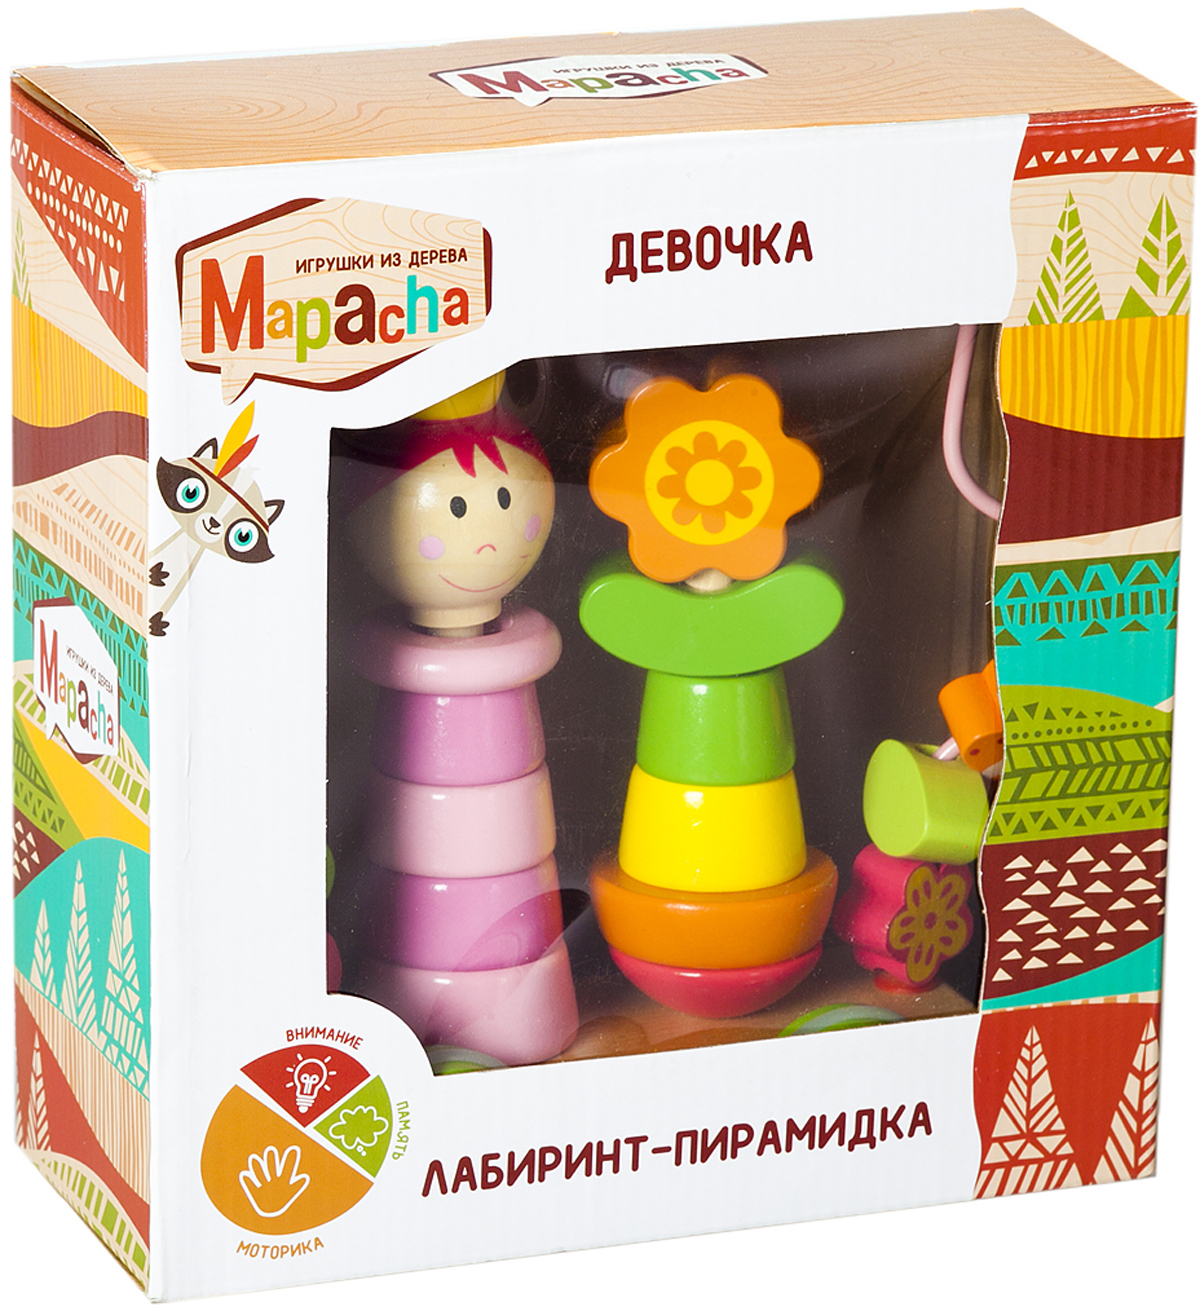 Mapacha Лабиринт-пирамидка Девочка на колесиках mapacha лабиринт пирамидка мальчик на колесиках